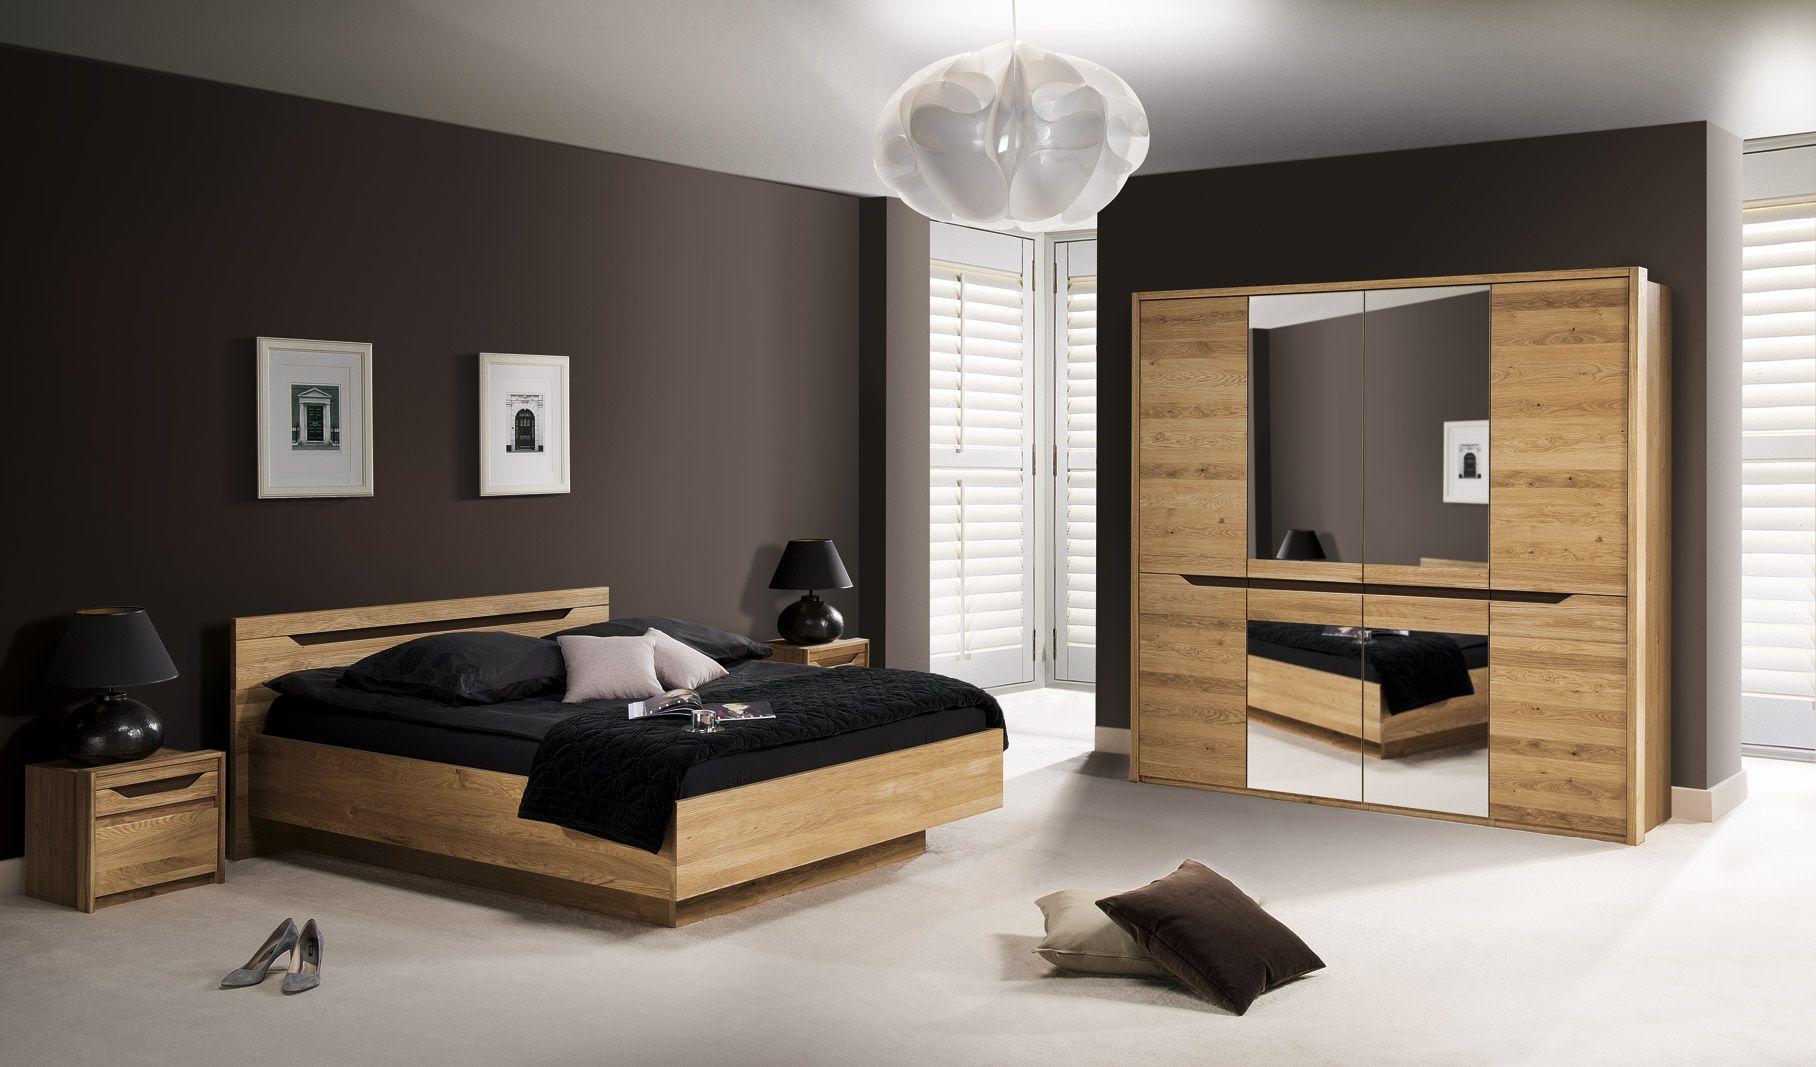 Schlafzimmer Komplett - Set A Kyme, 4-teilig, teilmassiv, Farbe: Wildeiche natur